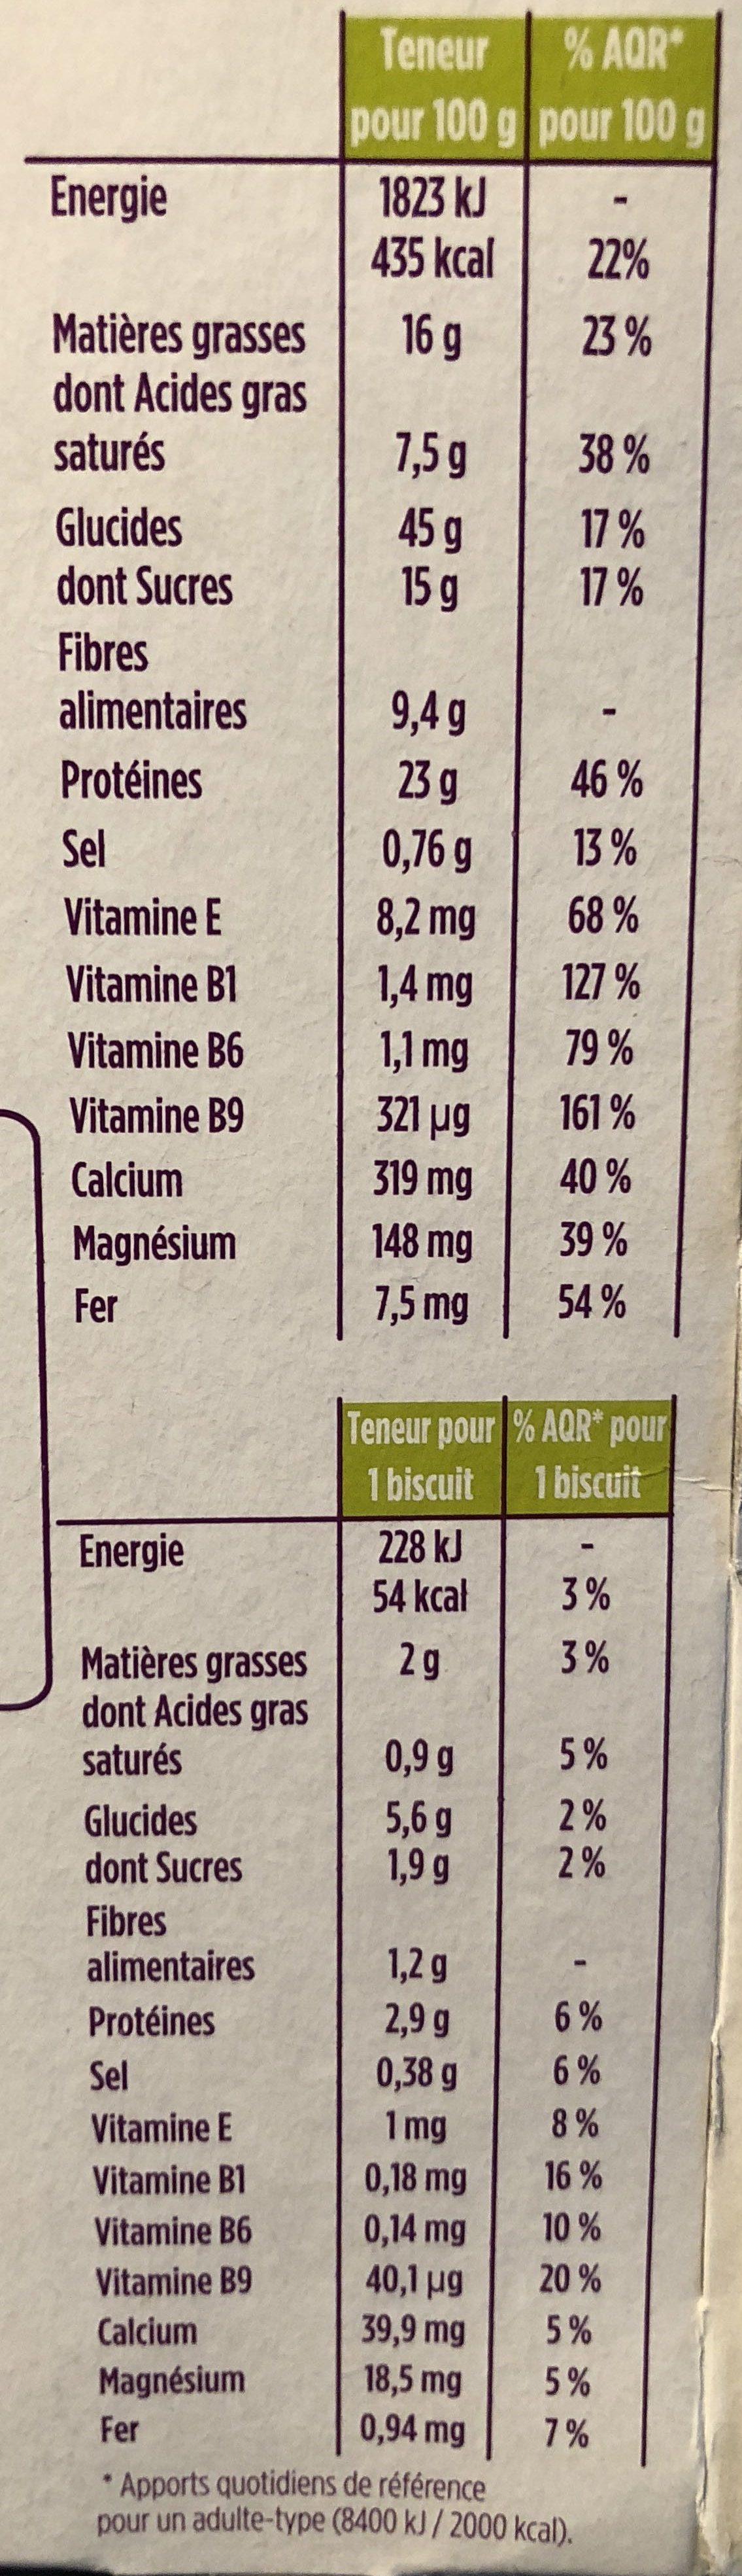 gerlinea chocolat céréales - Nutrition facts - fr